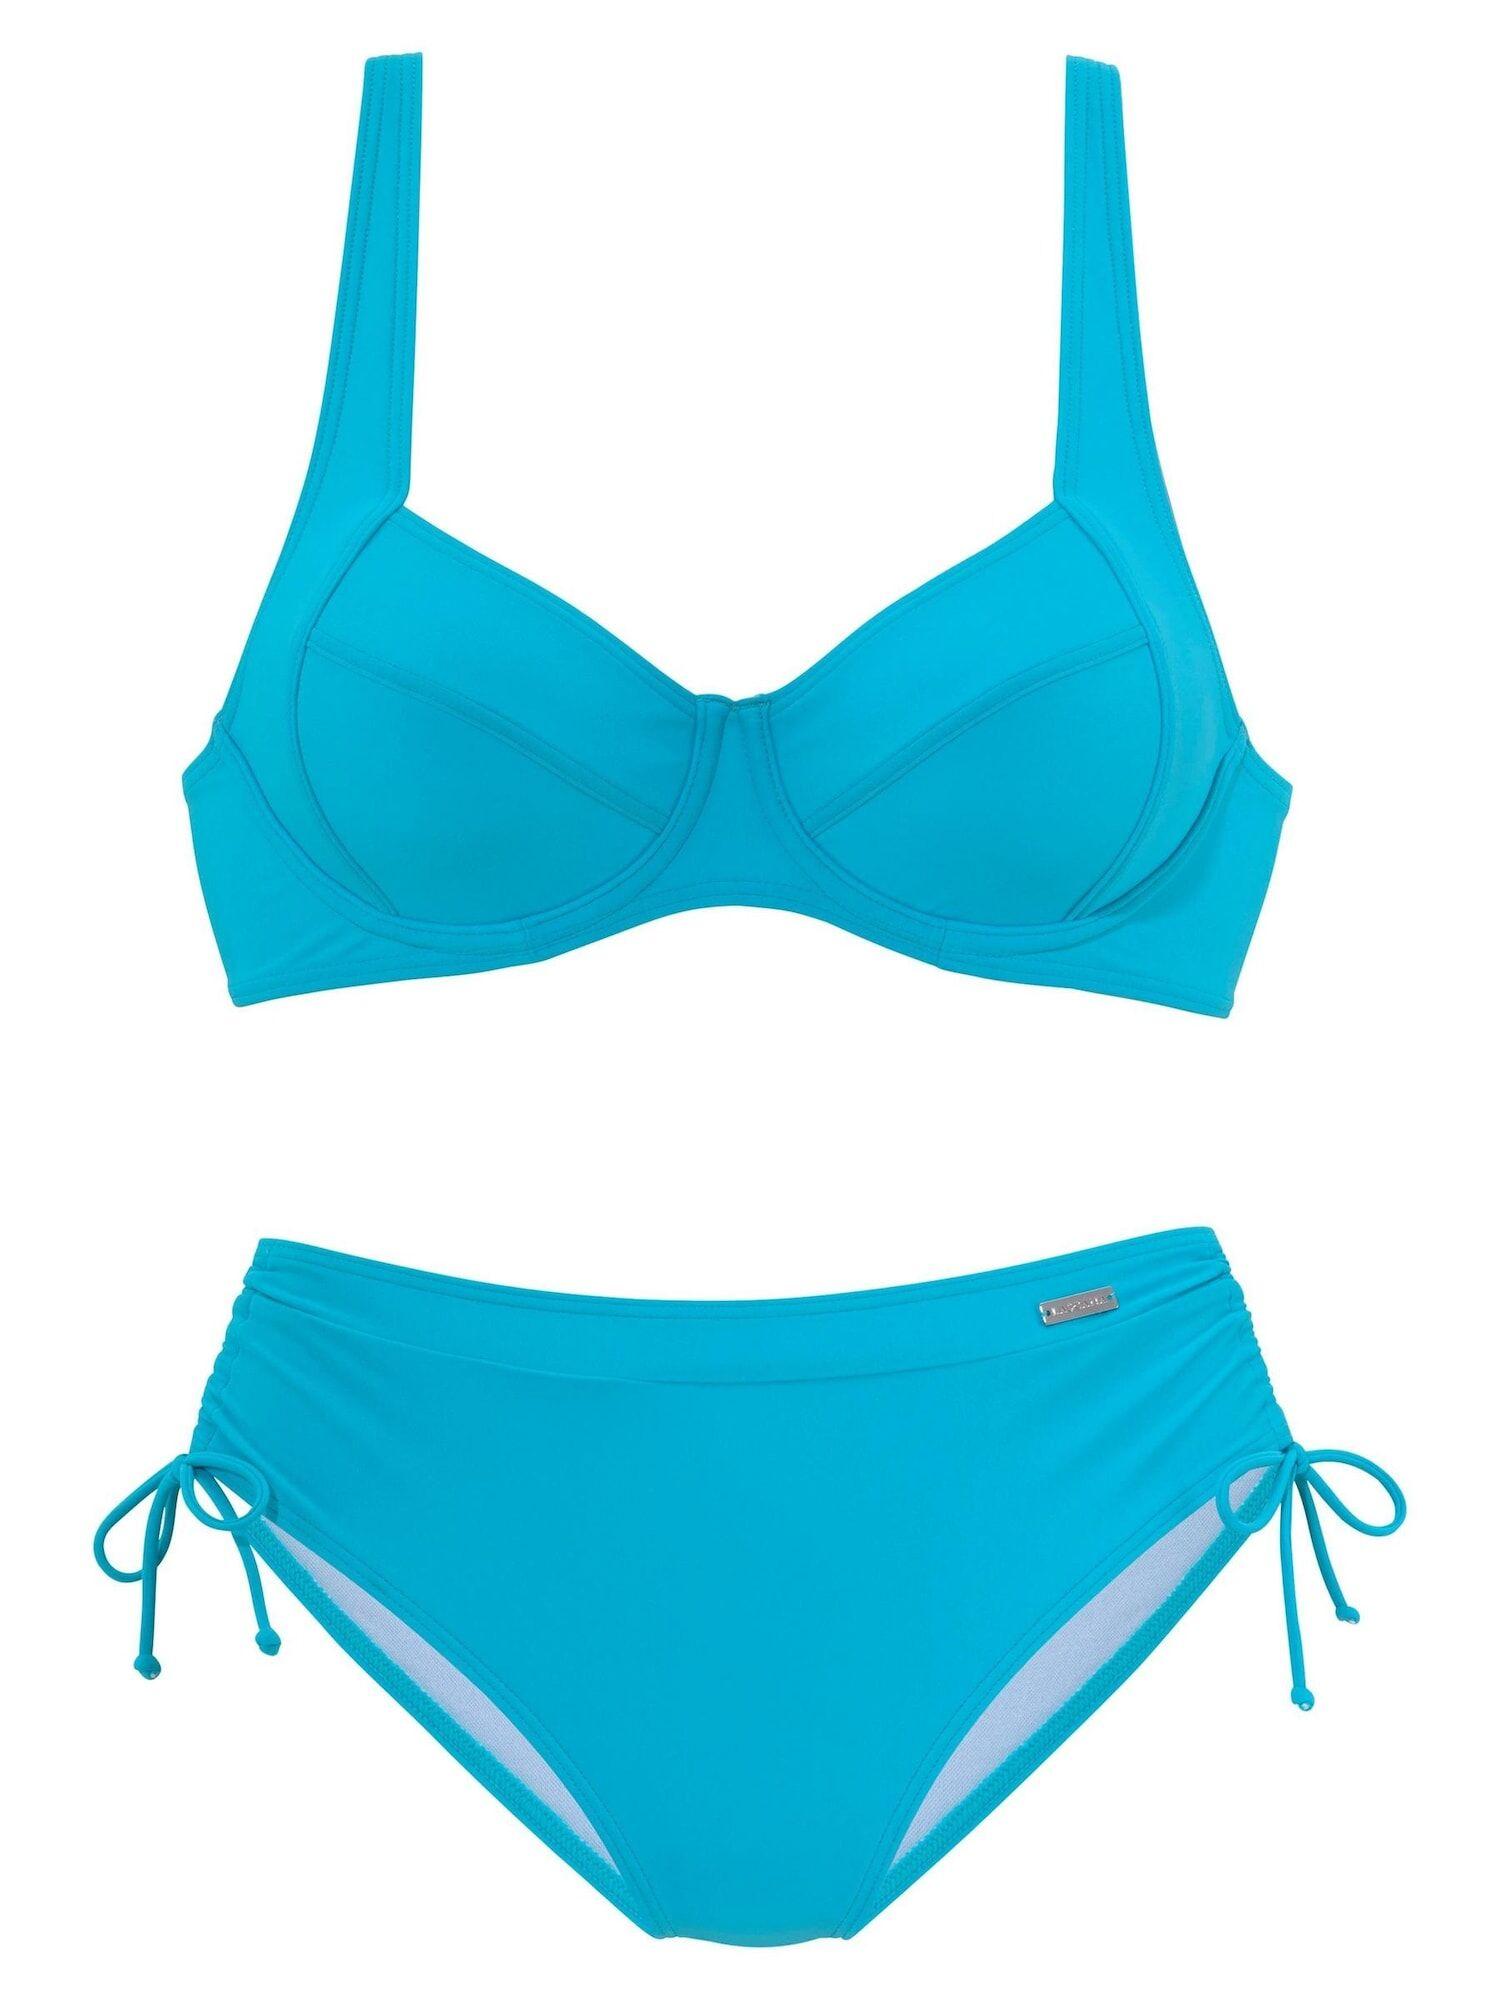 LASCANA Bikini  - Bleu - Taille: 38 - female